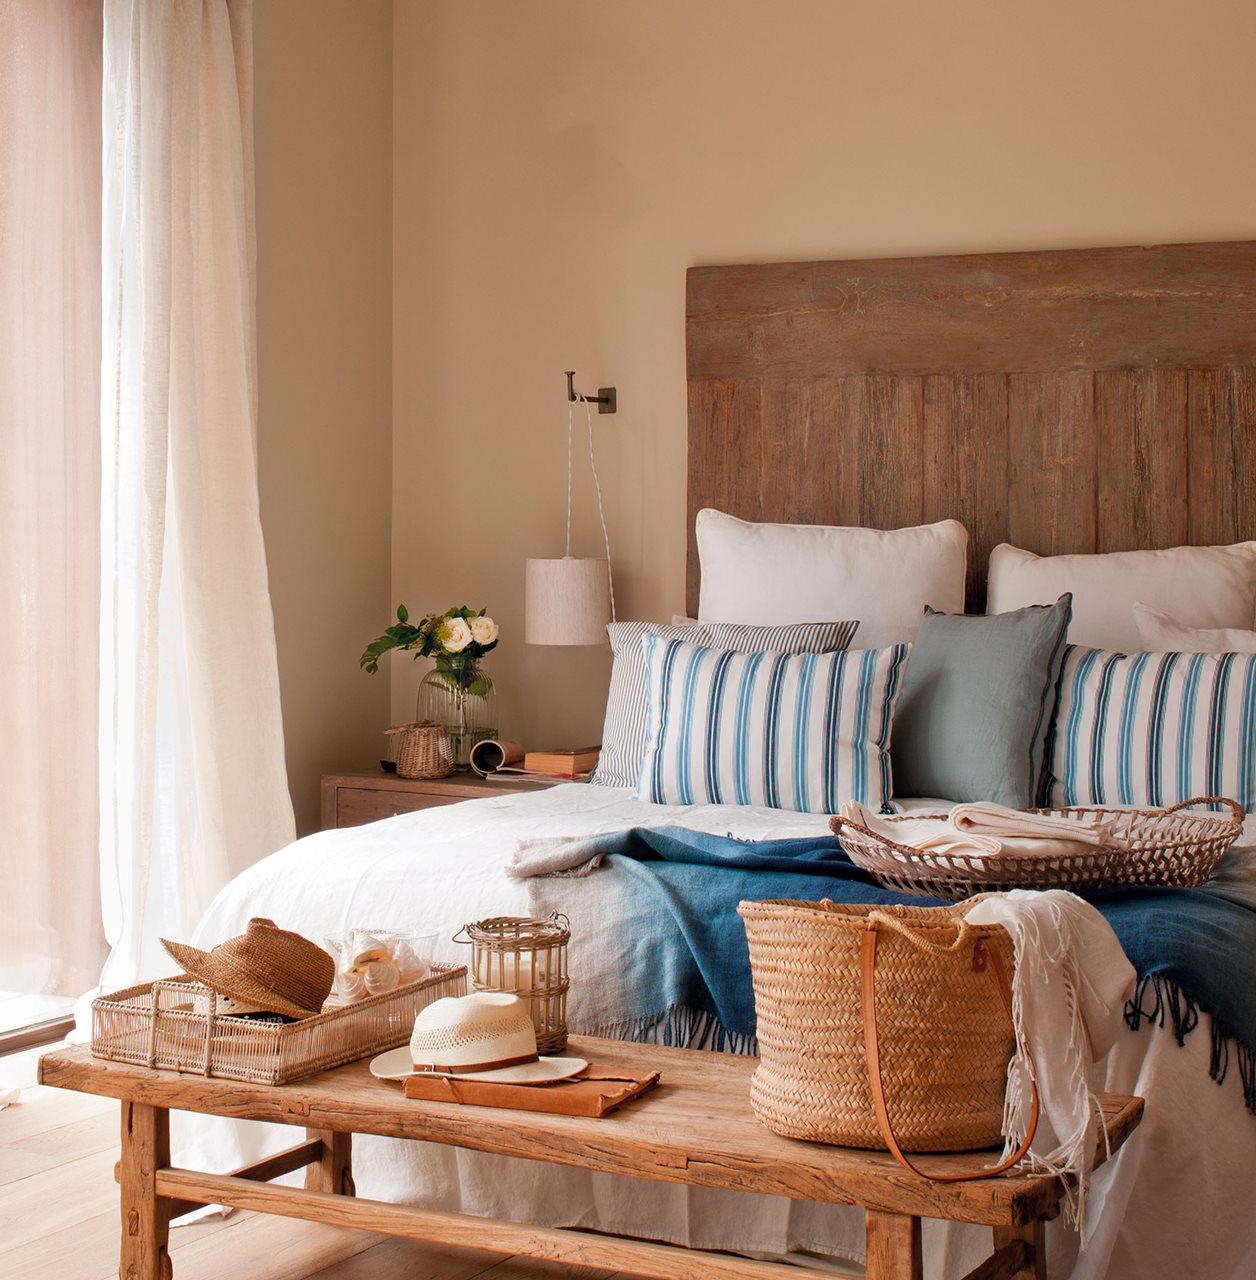 Diez cabeceros distintos adecuados para diferentes necesidades - Imagenes para dormitorios ...